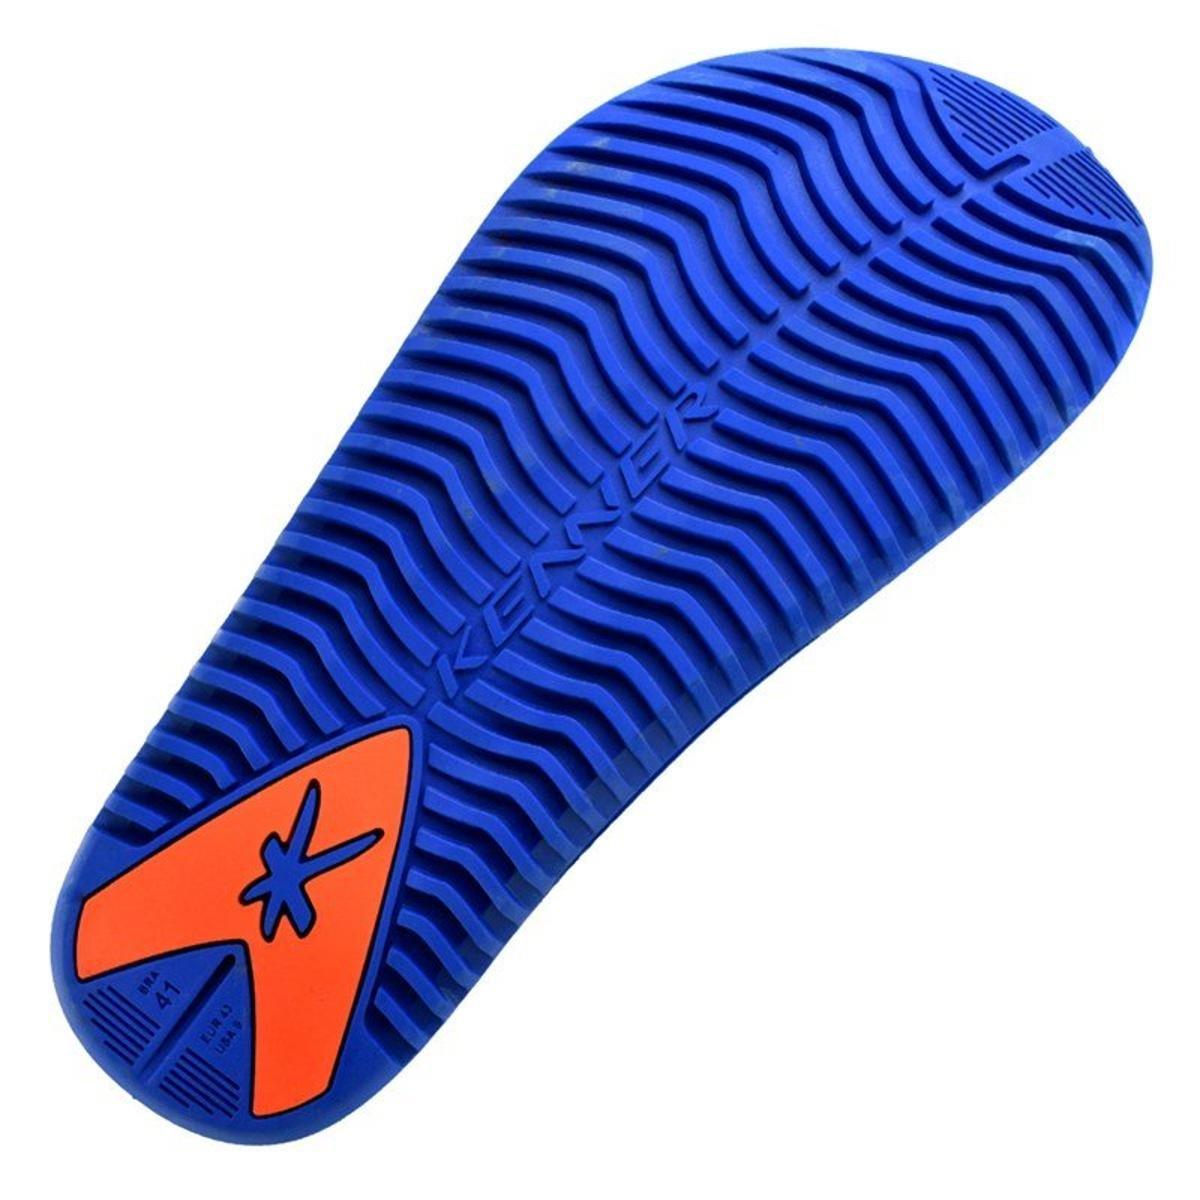 Sandália Kenner Kick-S Colors Masculina - Laranja e Azul - Compre ... 51d75fcb32a